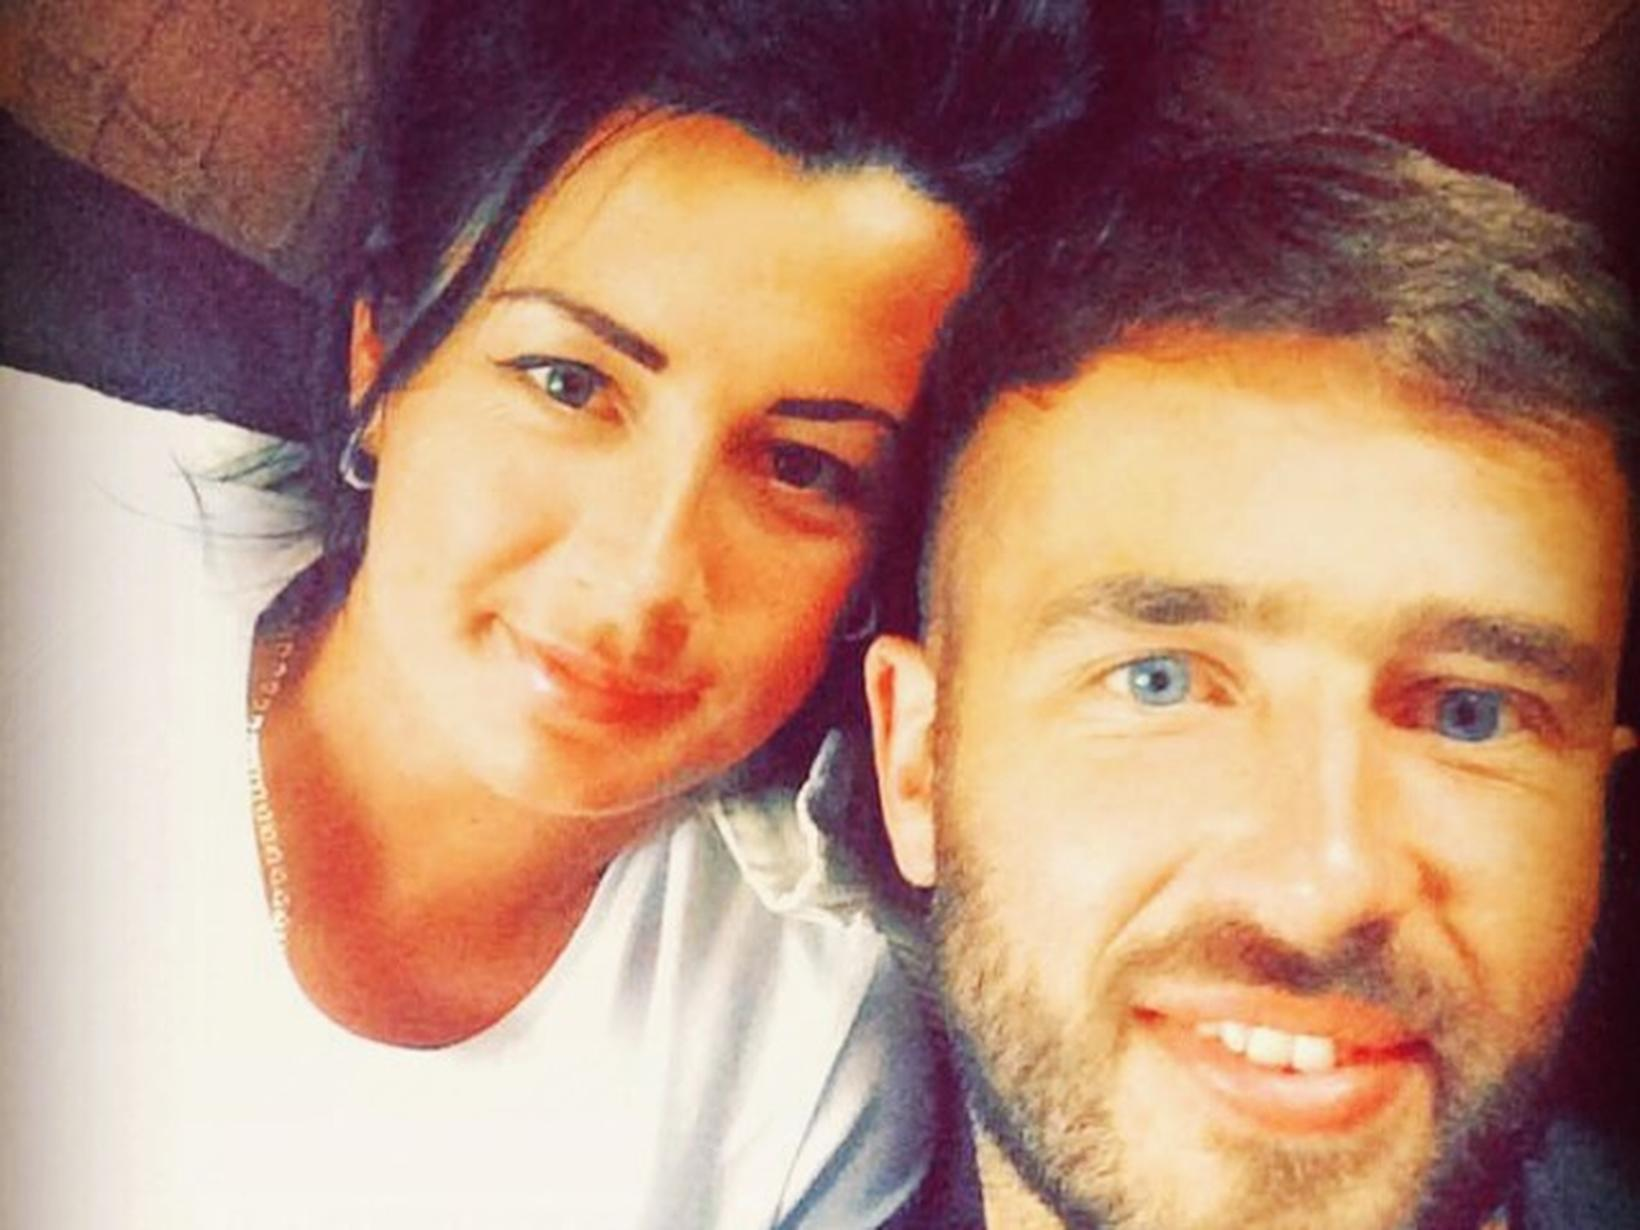 Sean & Joanna from Málaga, Spain